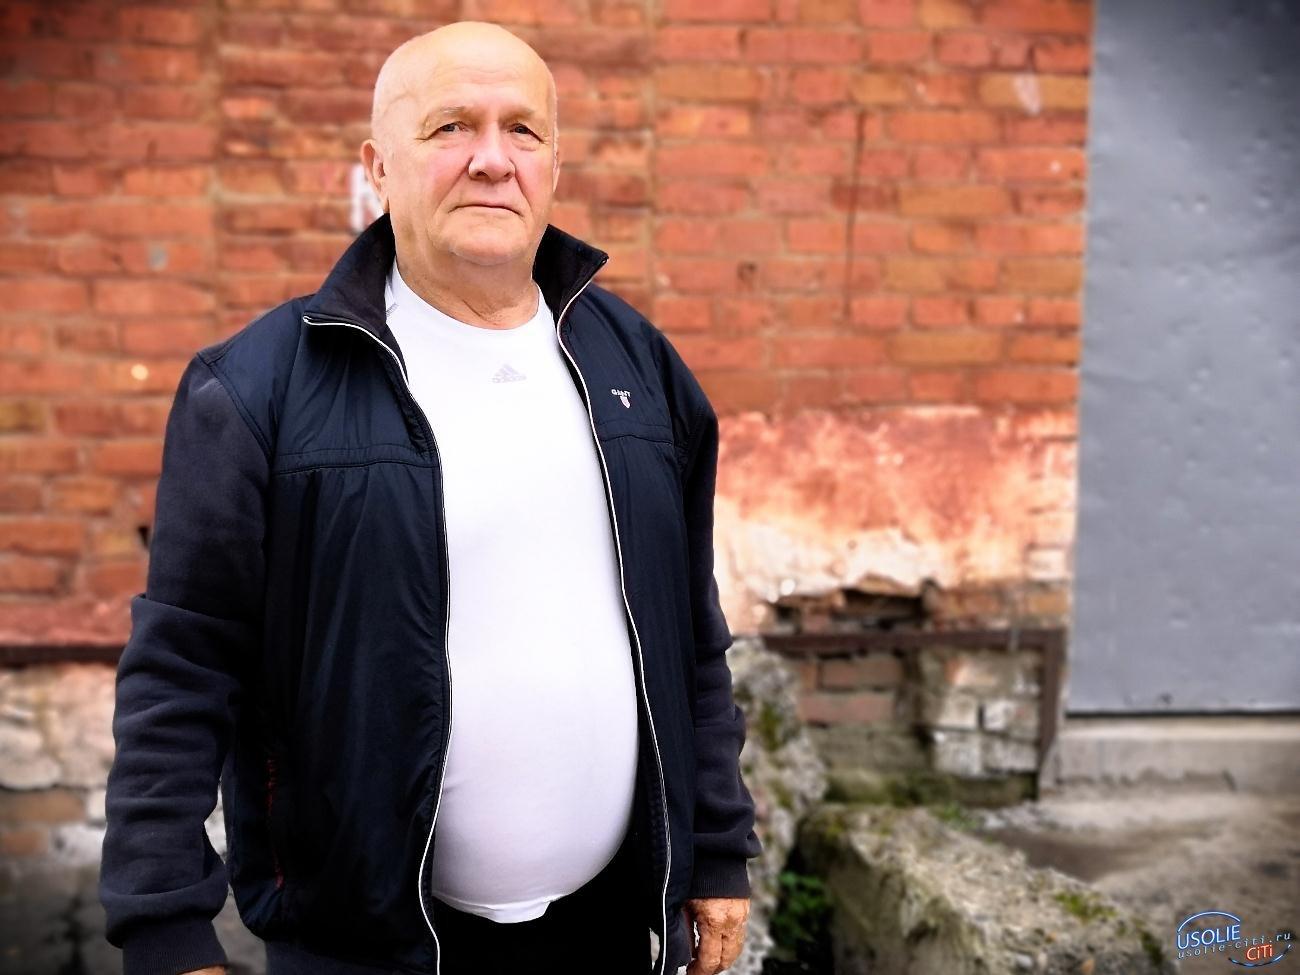 Главный врач Усолья услышала известного пенсионера Рожаловского